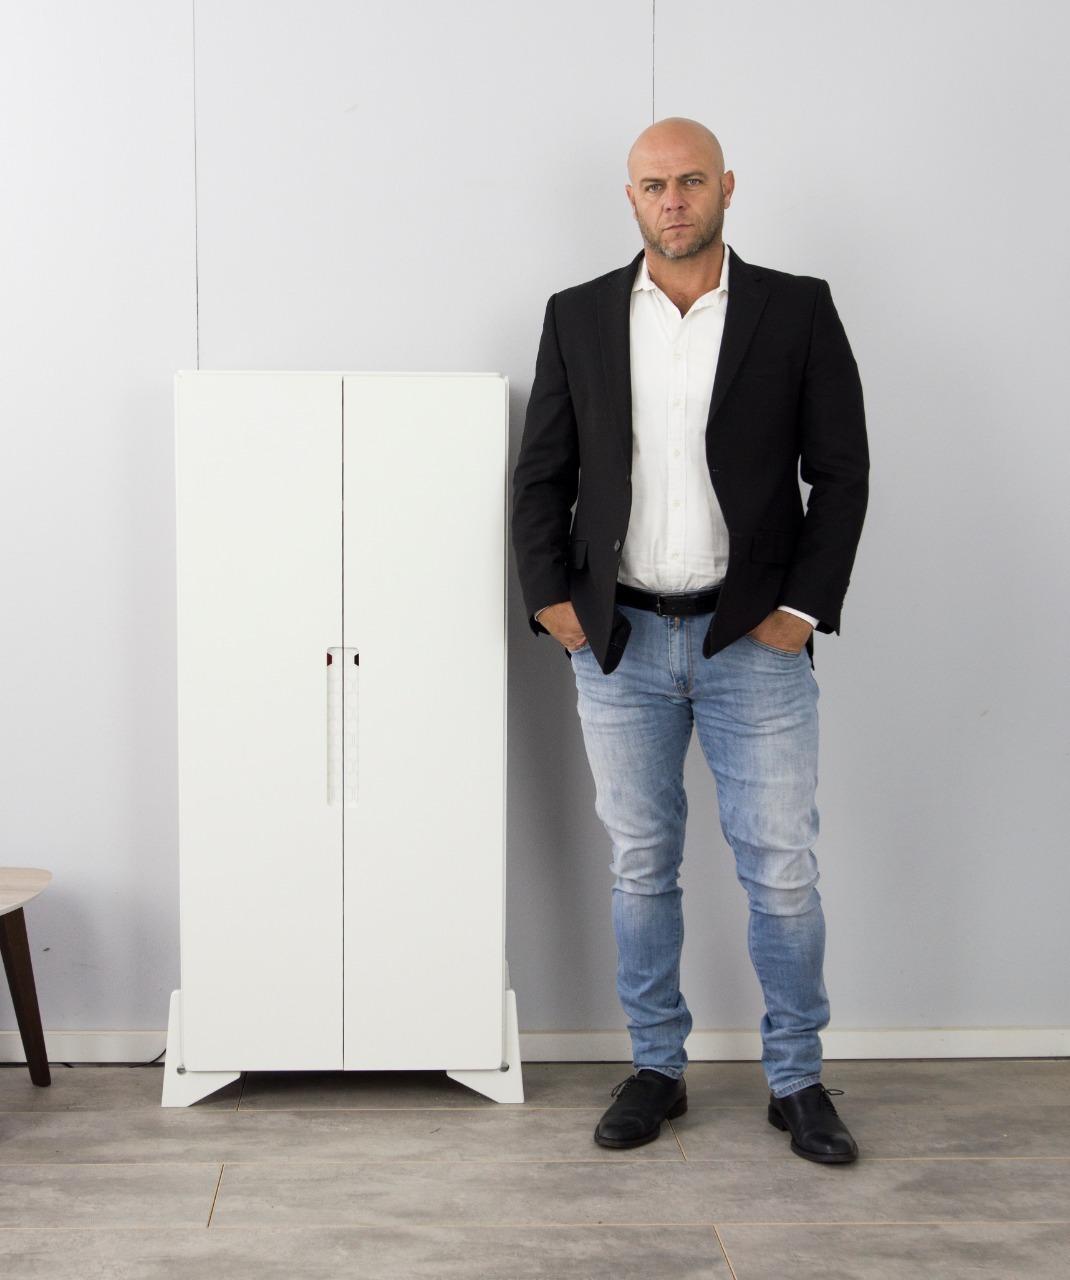 Valenziana, la marca de muebles que desembarca en Misiones con audaces diseños